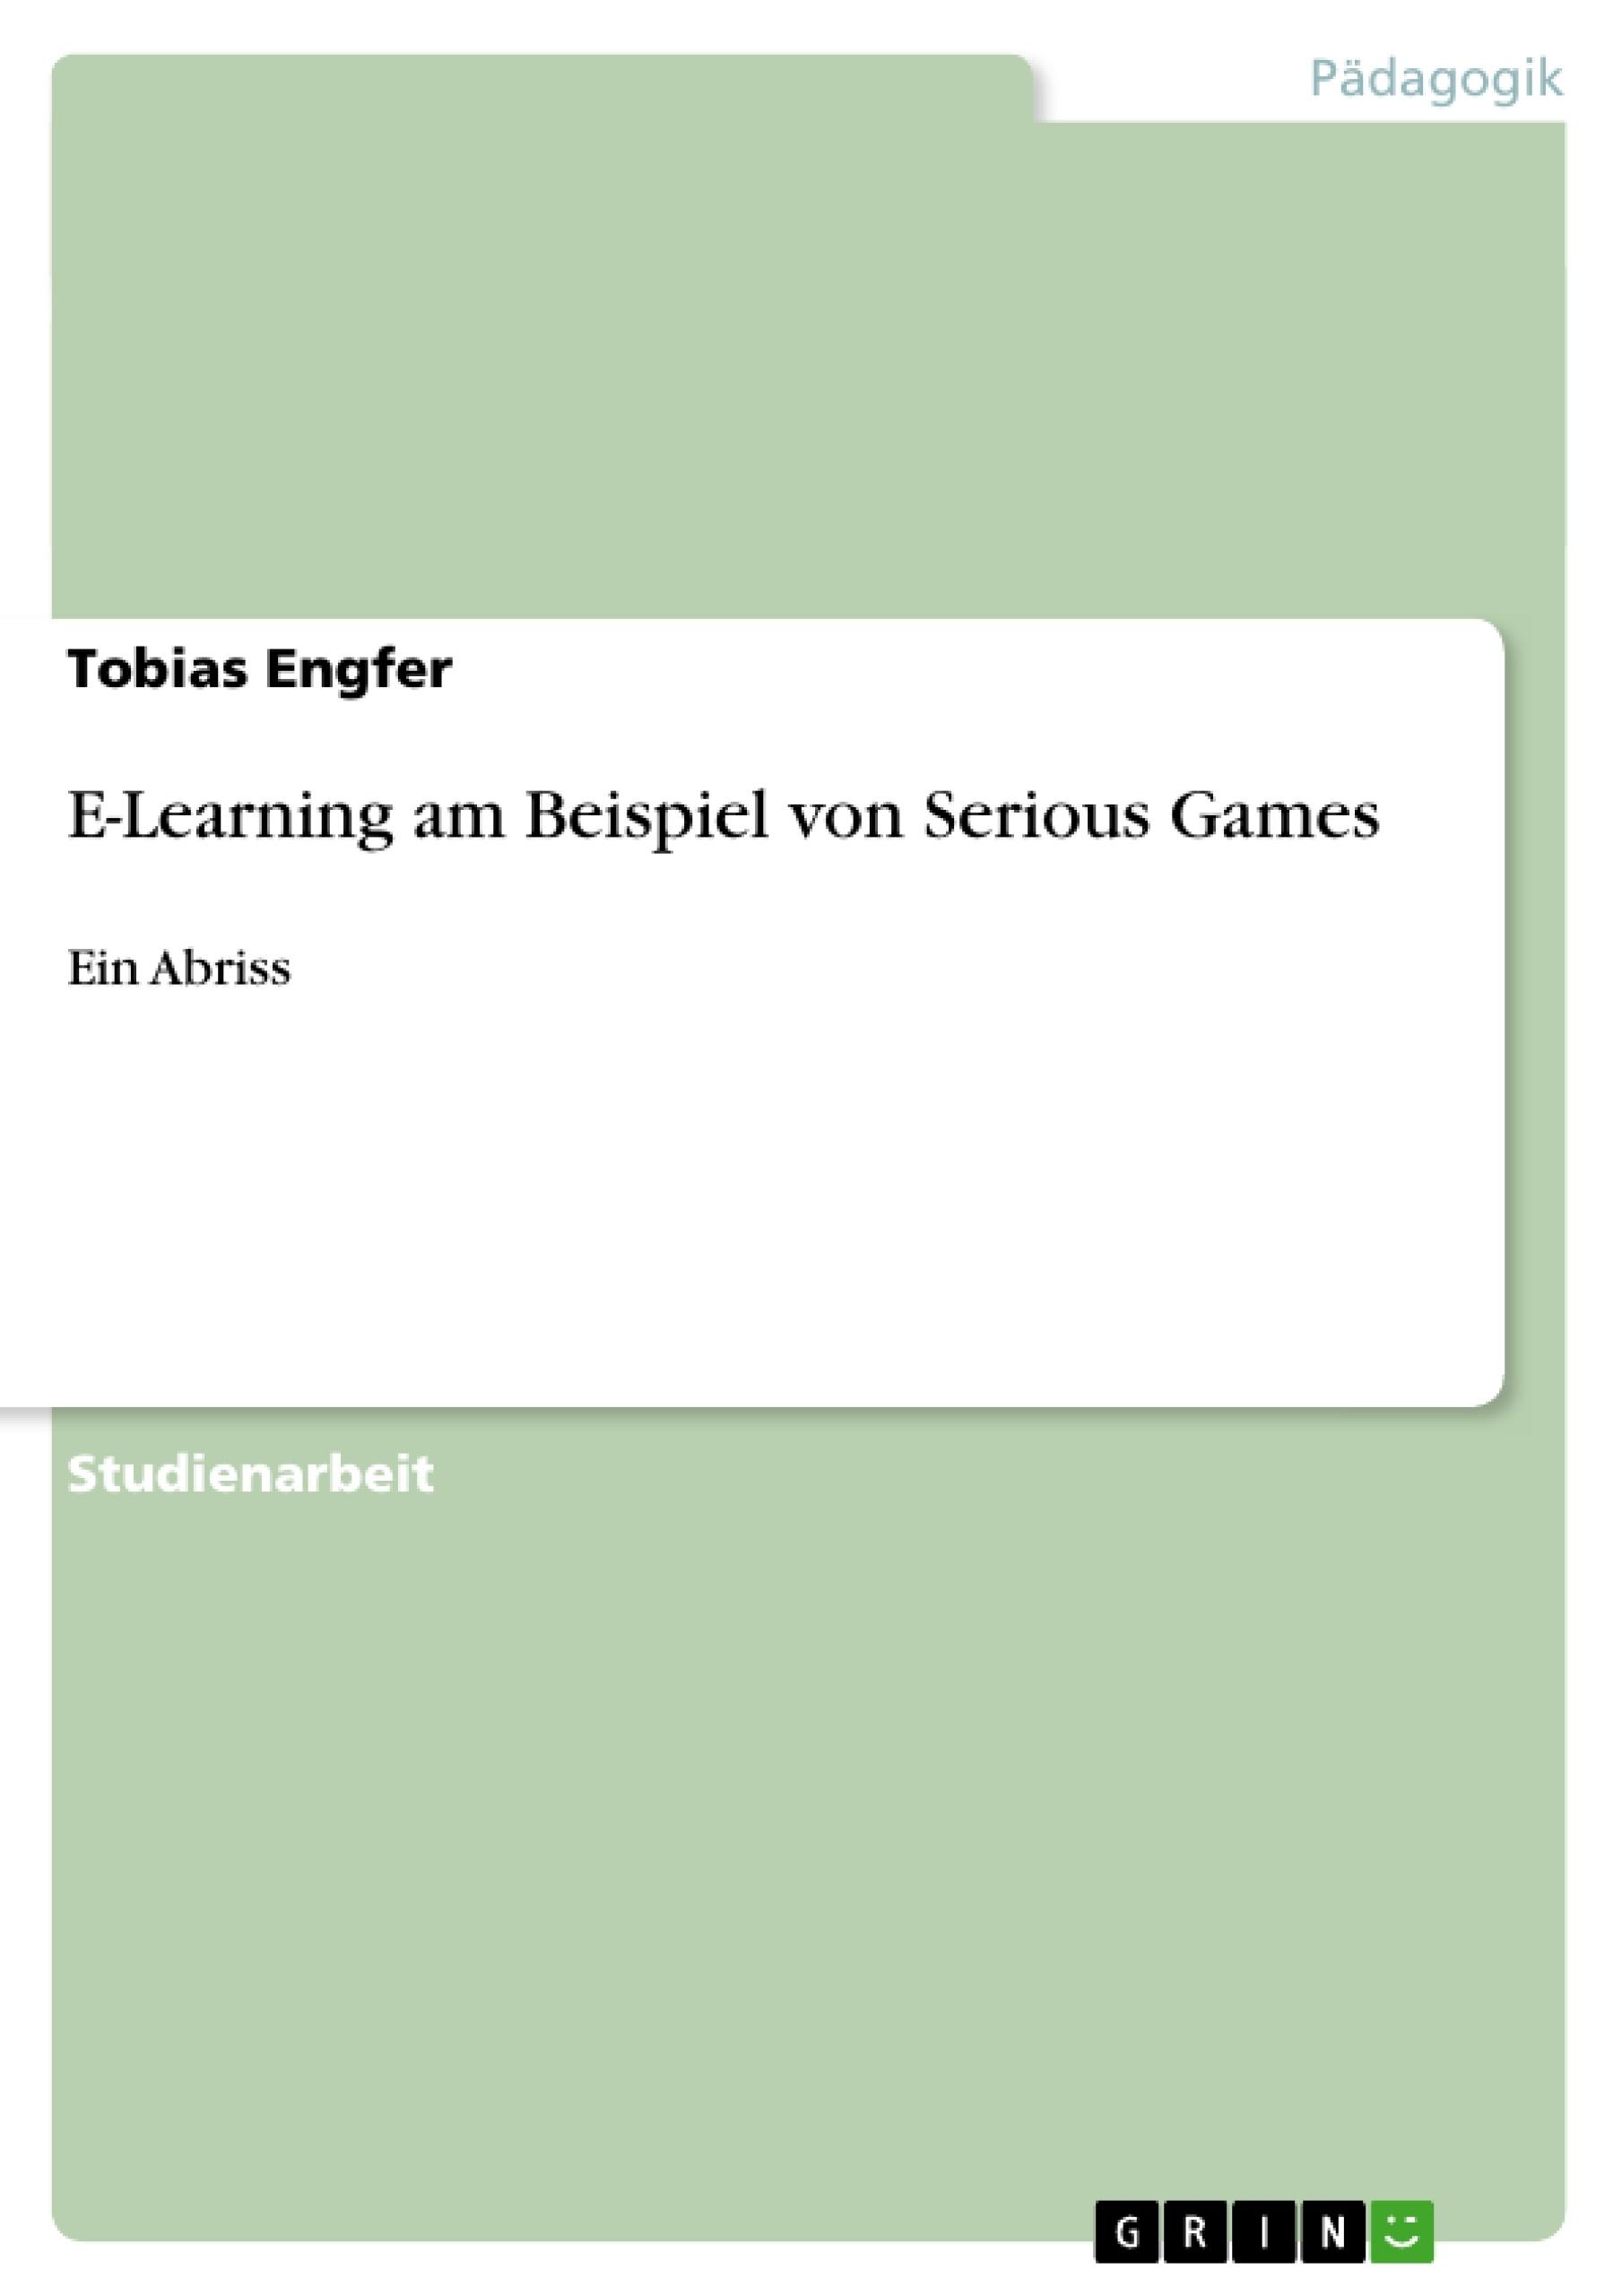 Titel: E-Learning am Beispiel von Serious Games